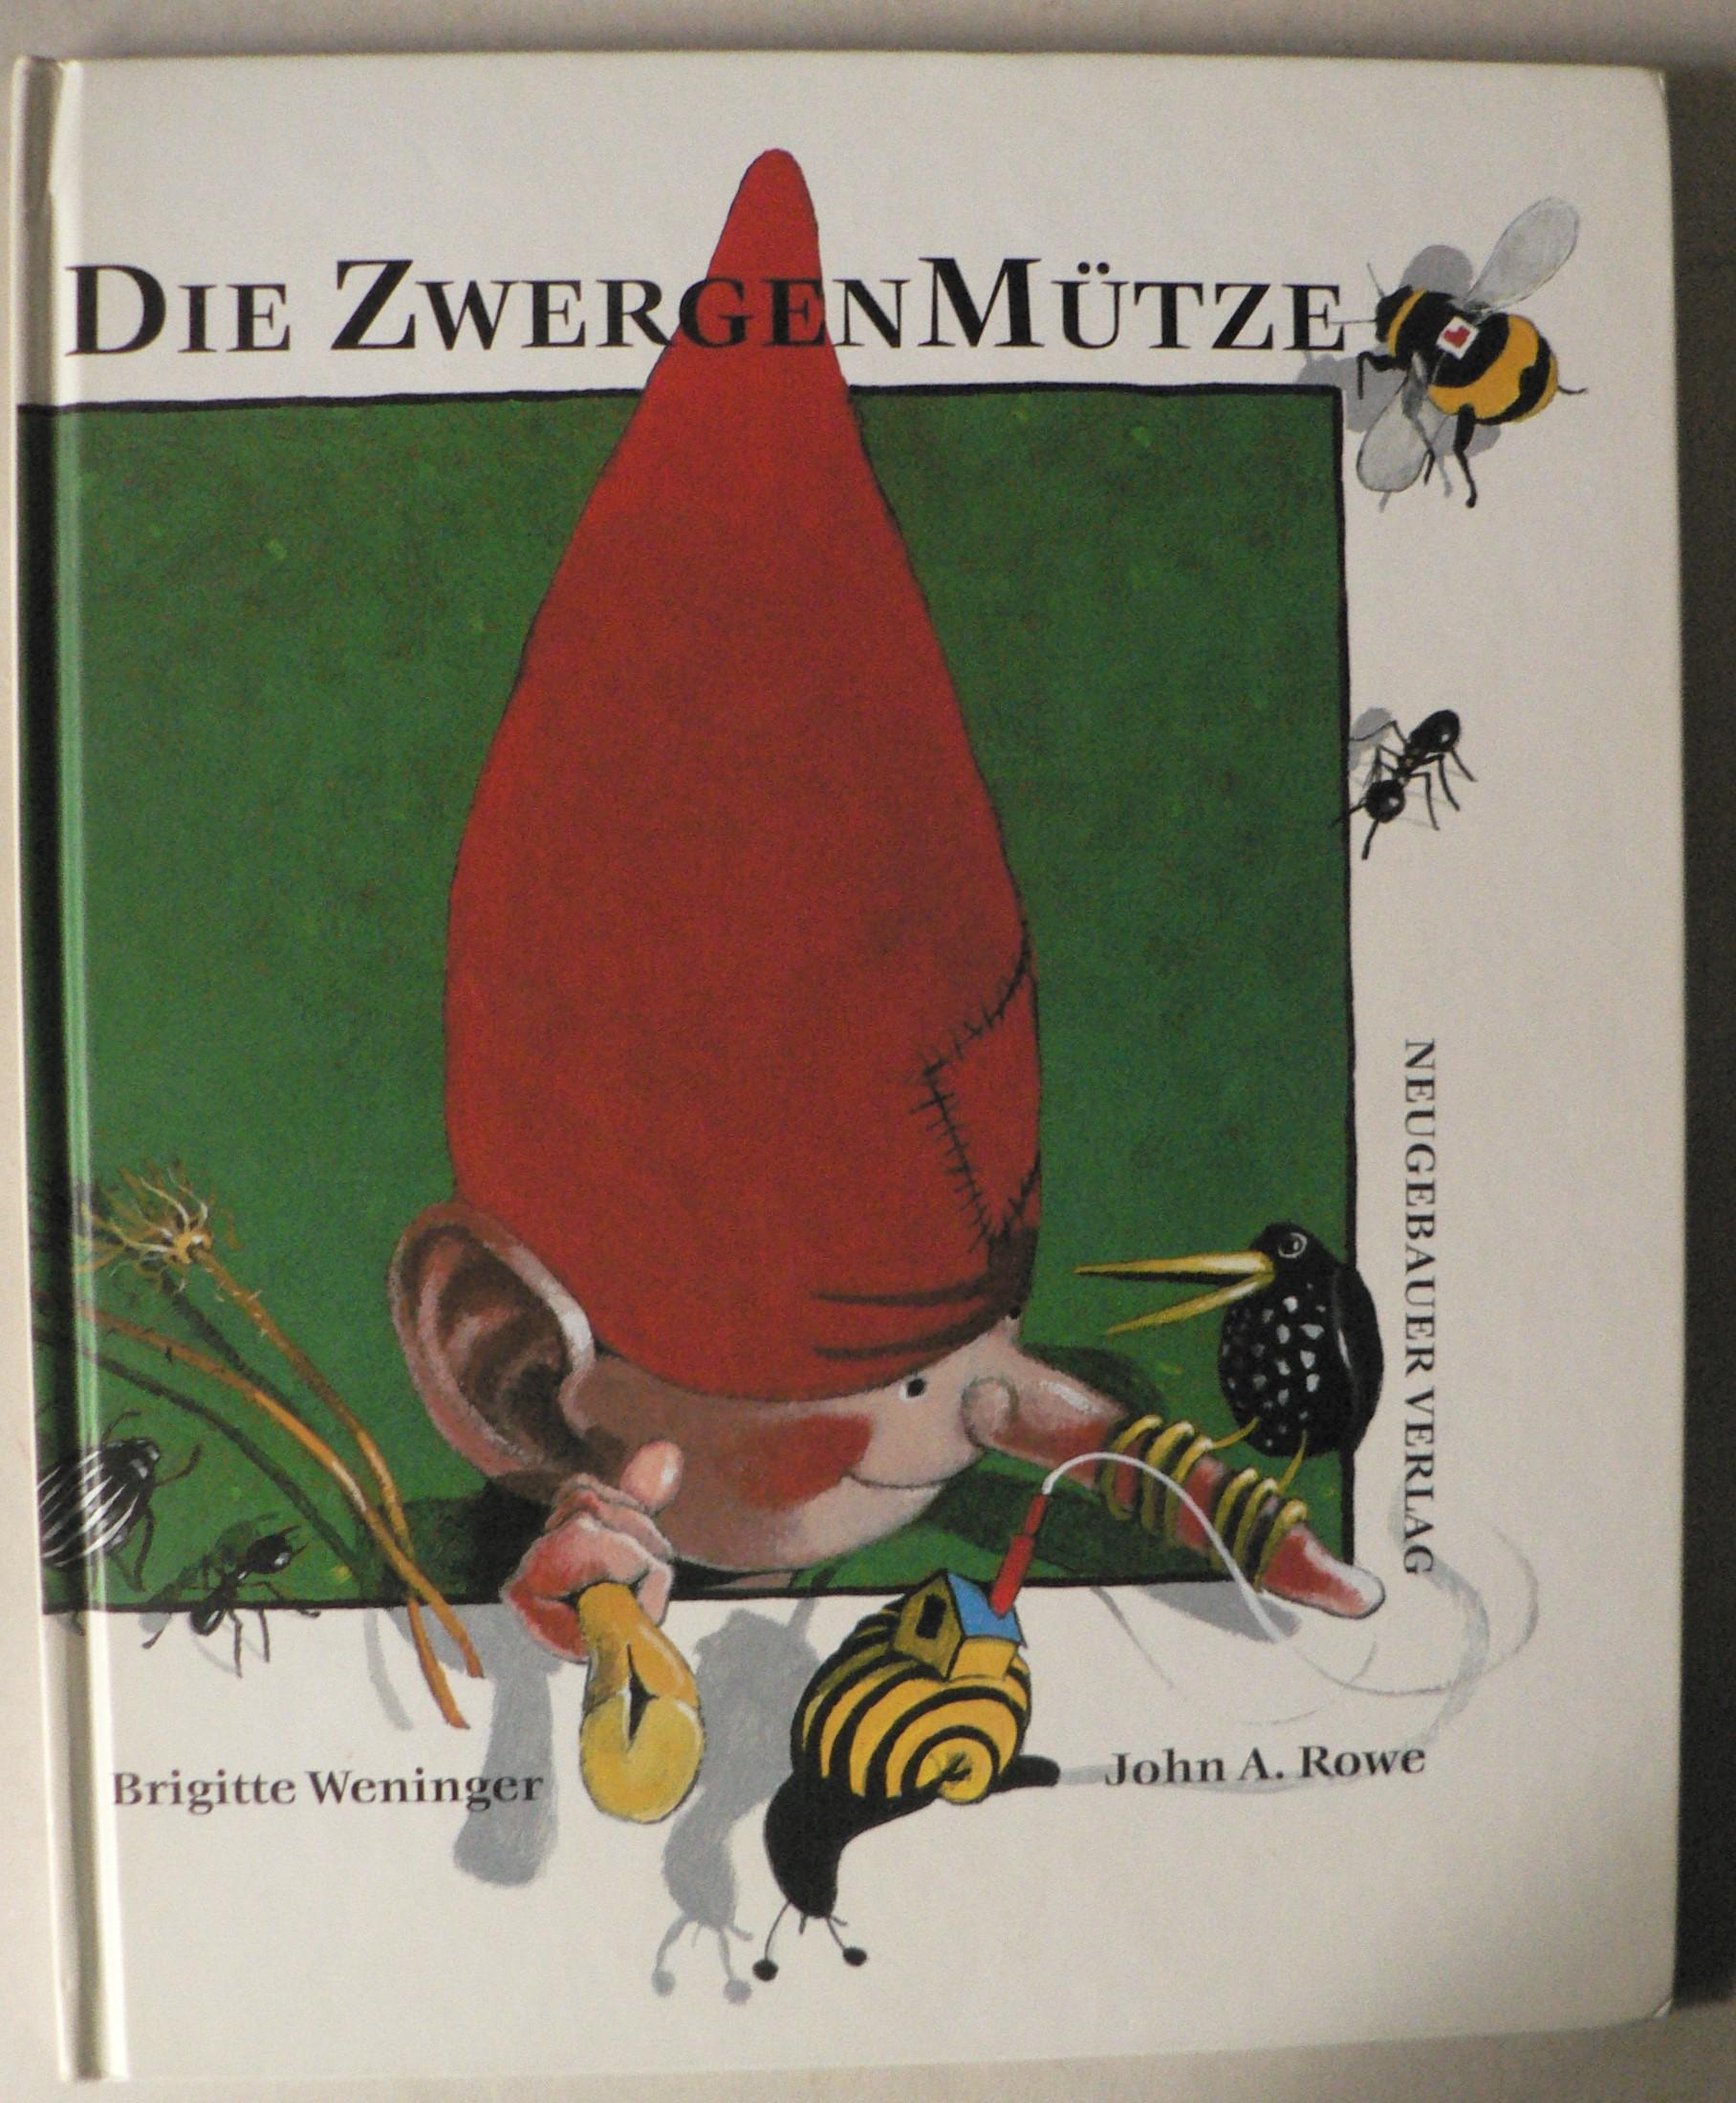 Weninger, Brigitte/Rowe, John A. Die Zwergenmütze